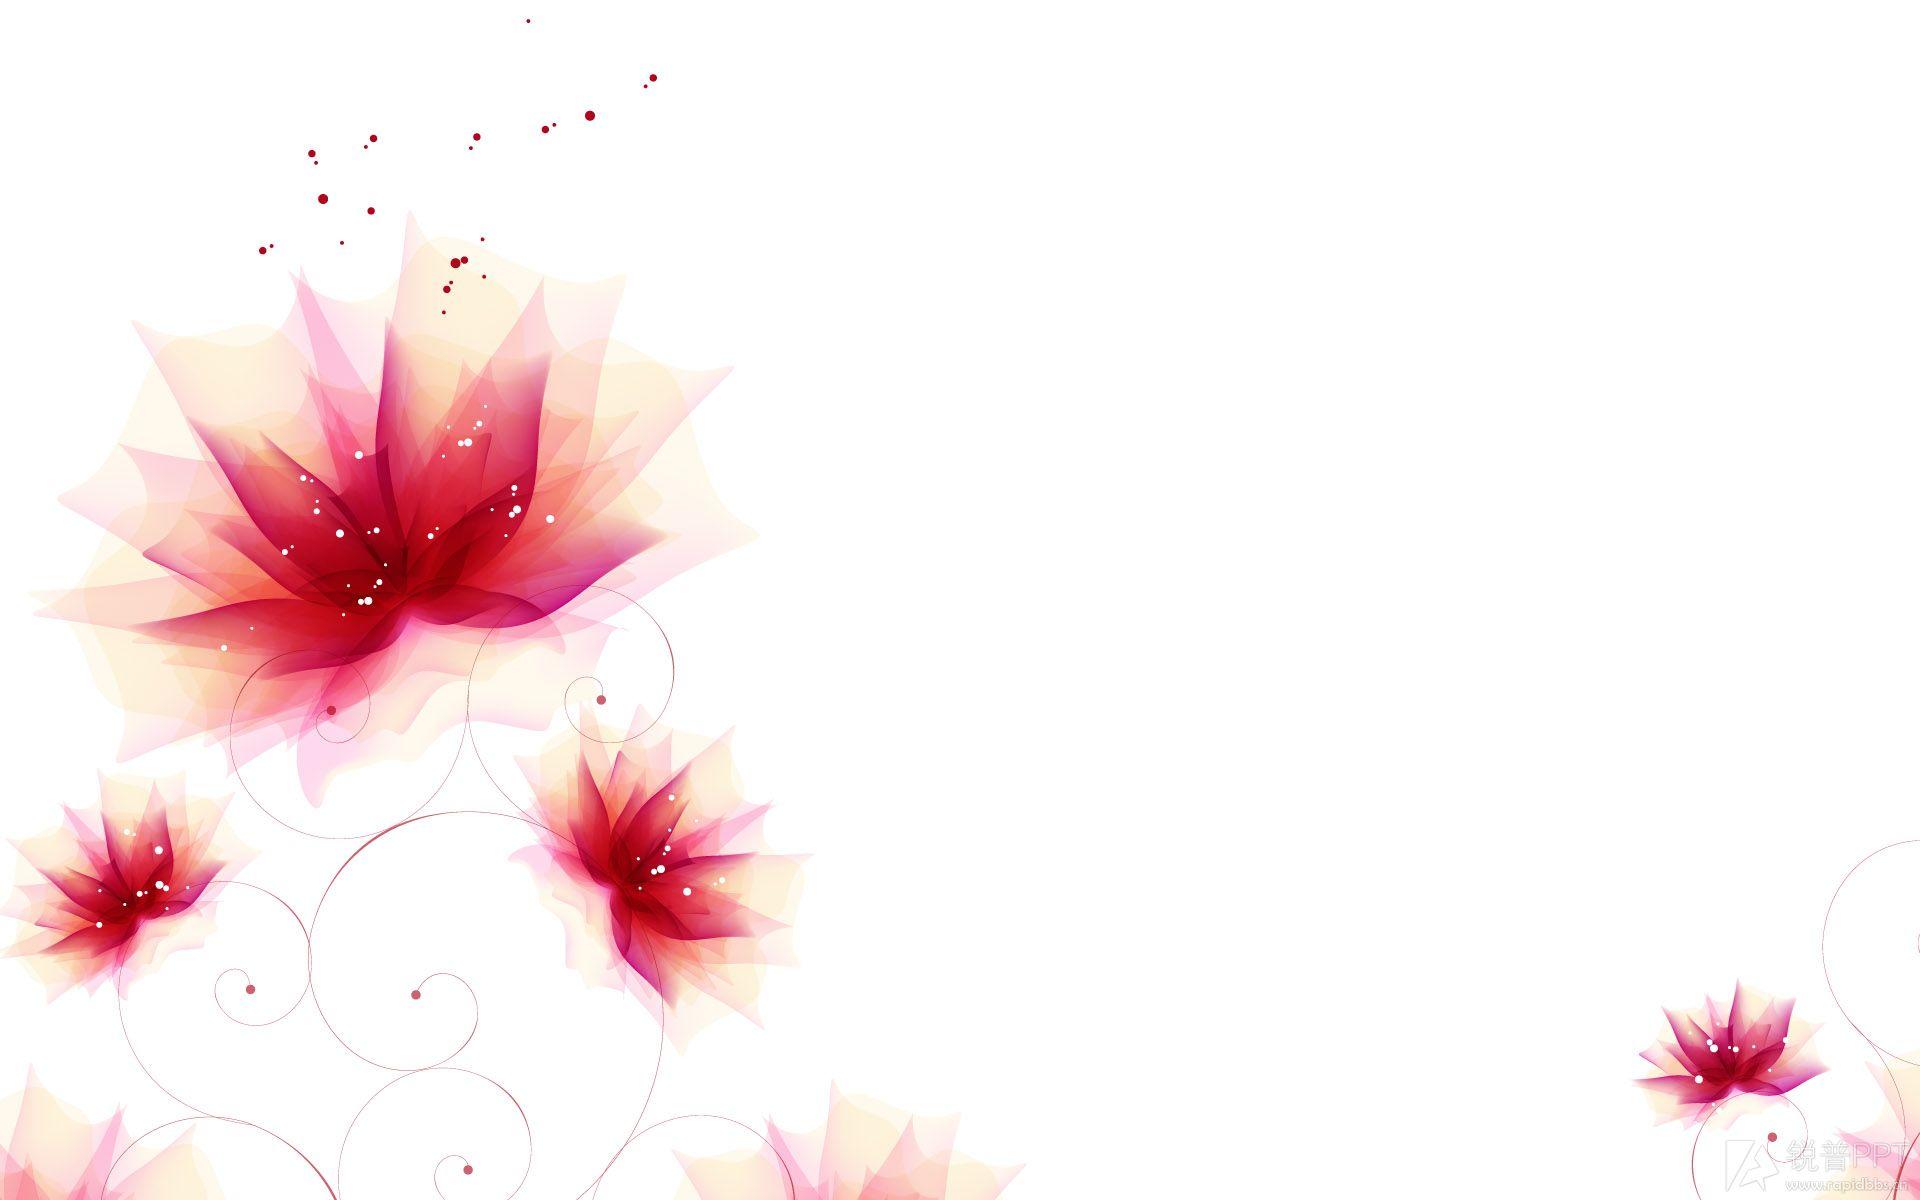 简洁风格的花纹背景图片